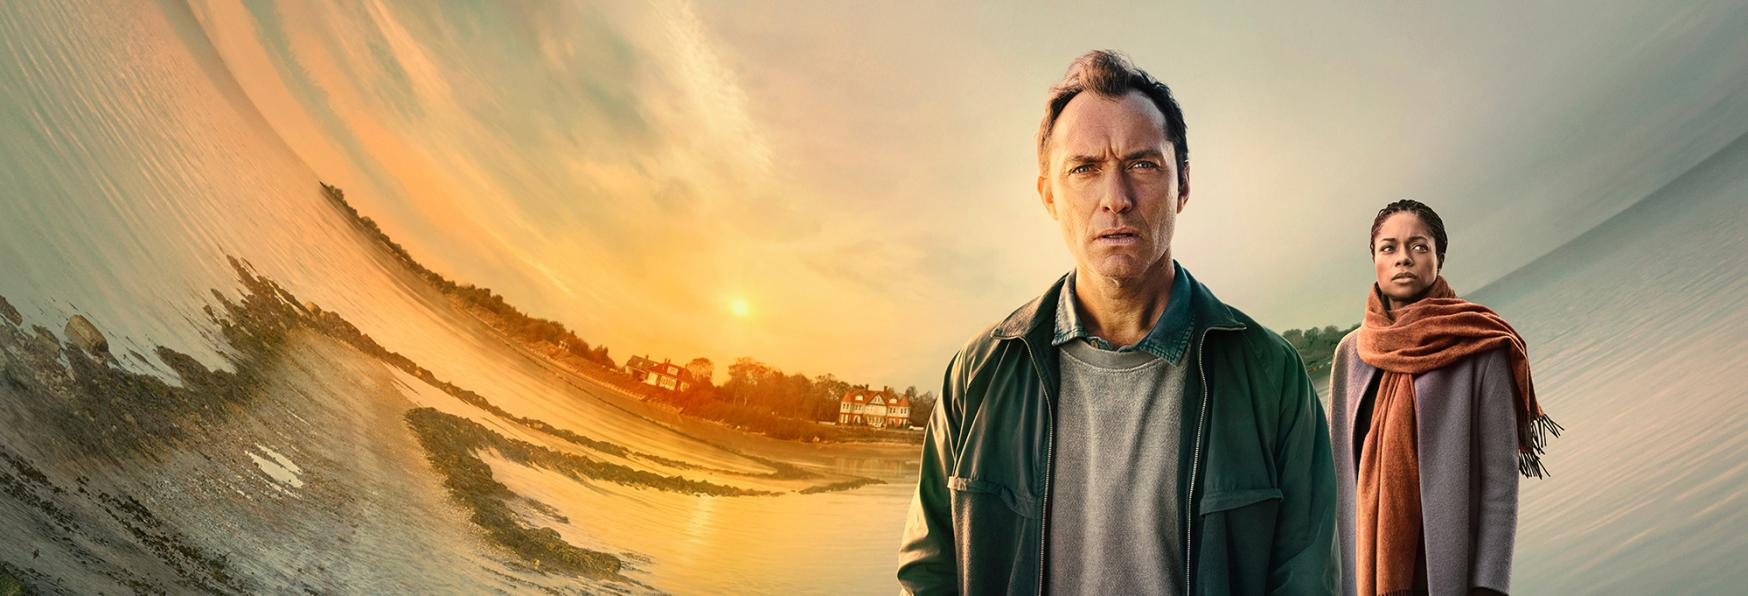 The Third Day: Recensione del 1° Episodio della nuova Miniserie targata HBO